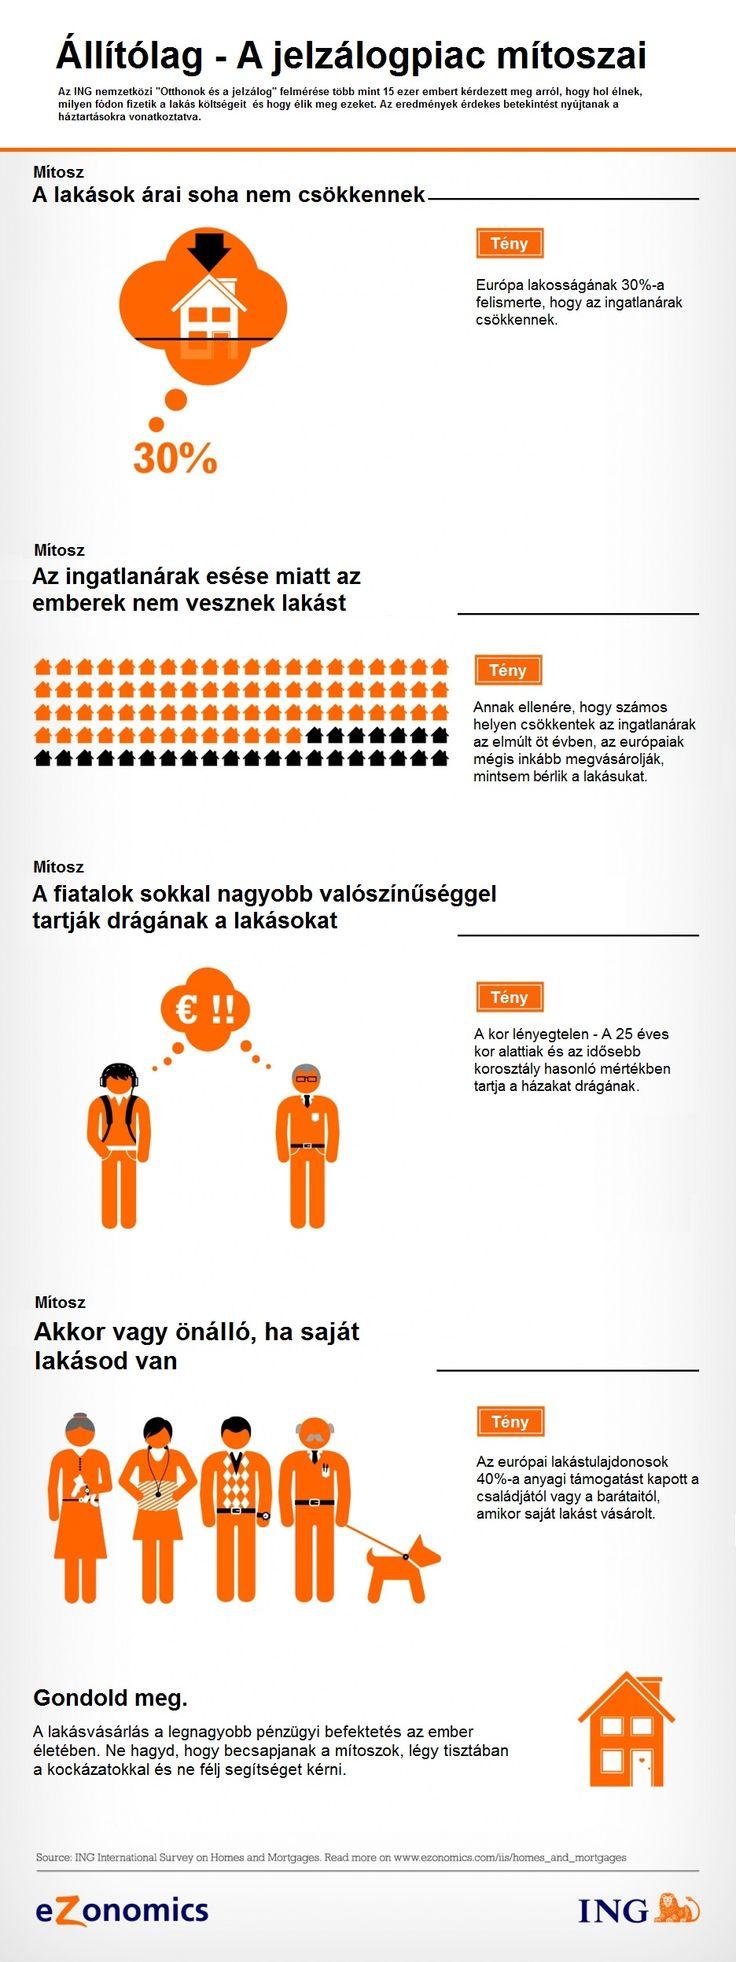 A jelzálogpiac mítoszai  #ing #ezonomics #jelzalog #grafika